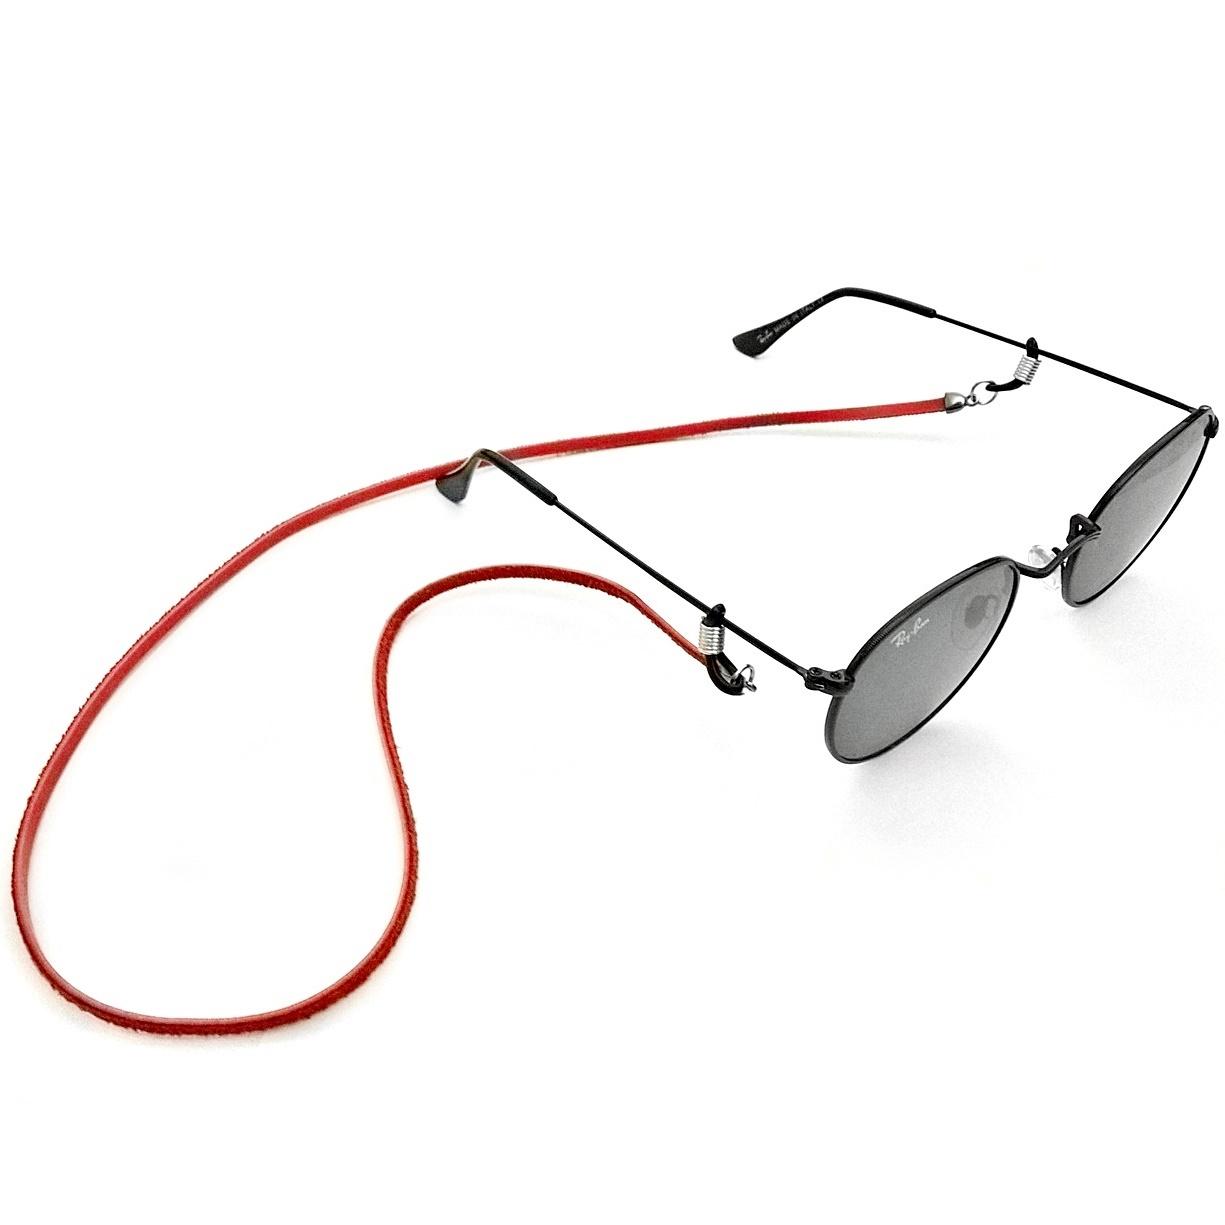 5a7185bb6f84e Cordinha Para Oculos Vermelha Cordão Salva Óculos Leitura no Elo7 ...